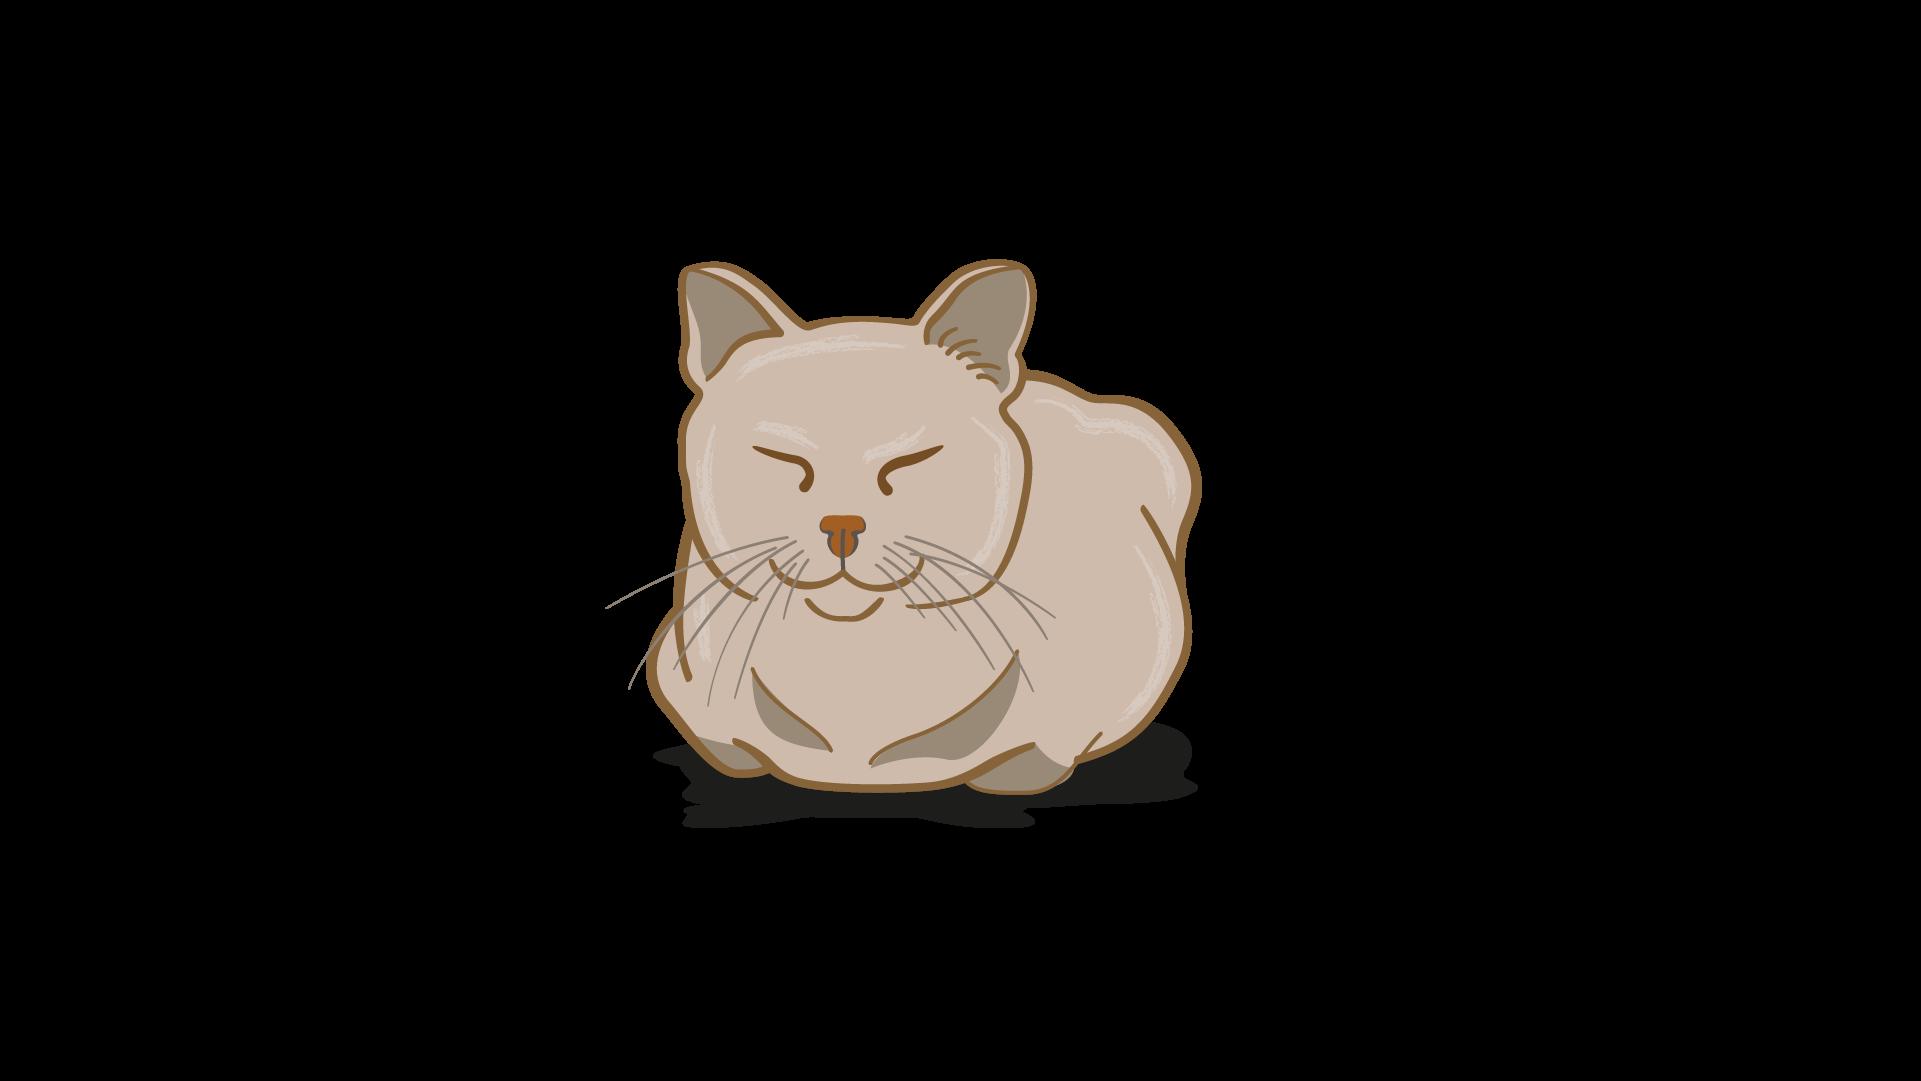 lenguaje corporal de gato feliz